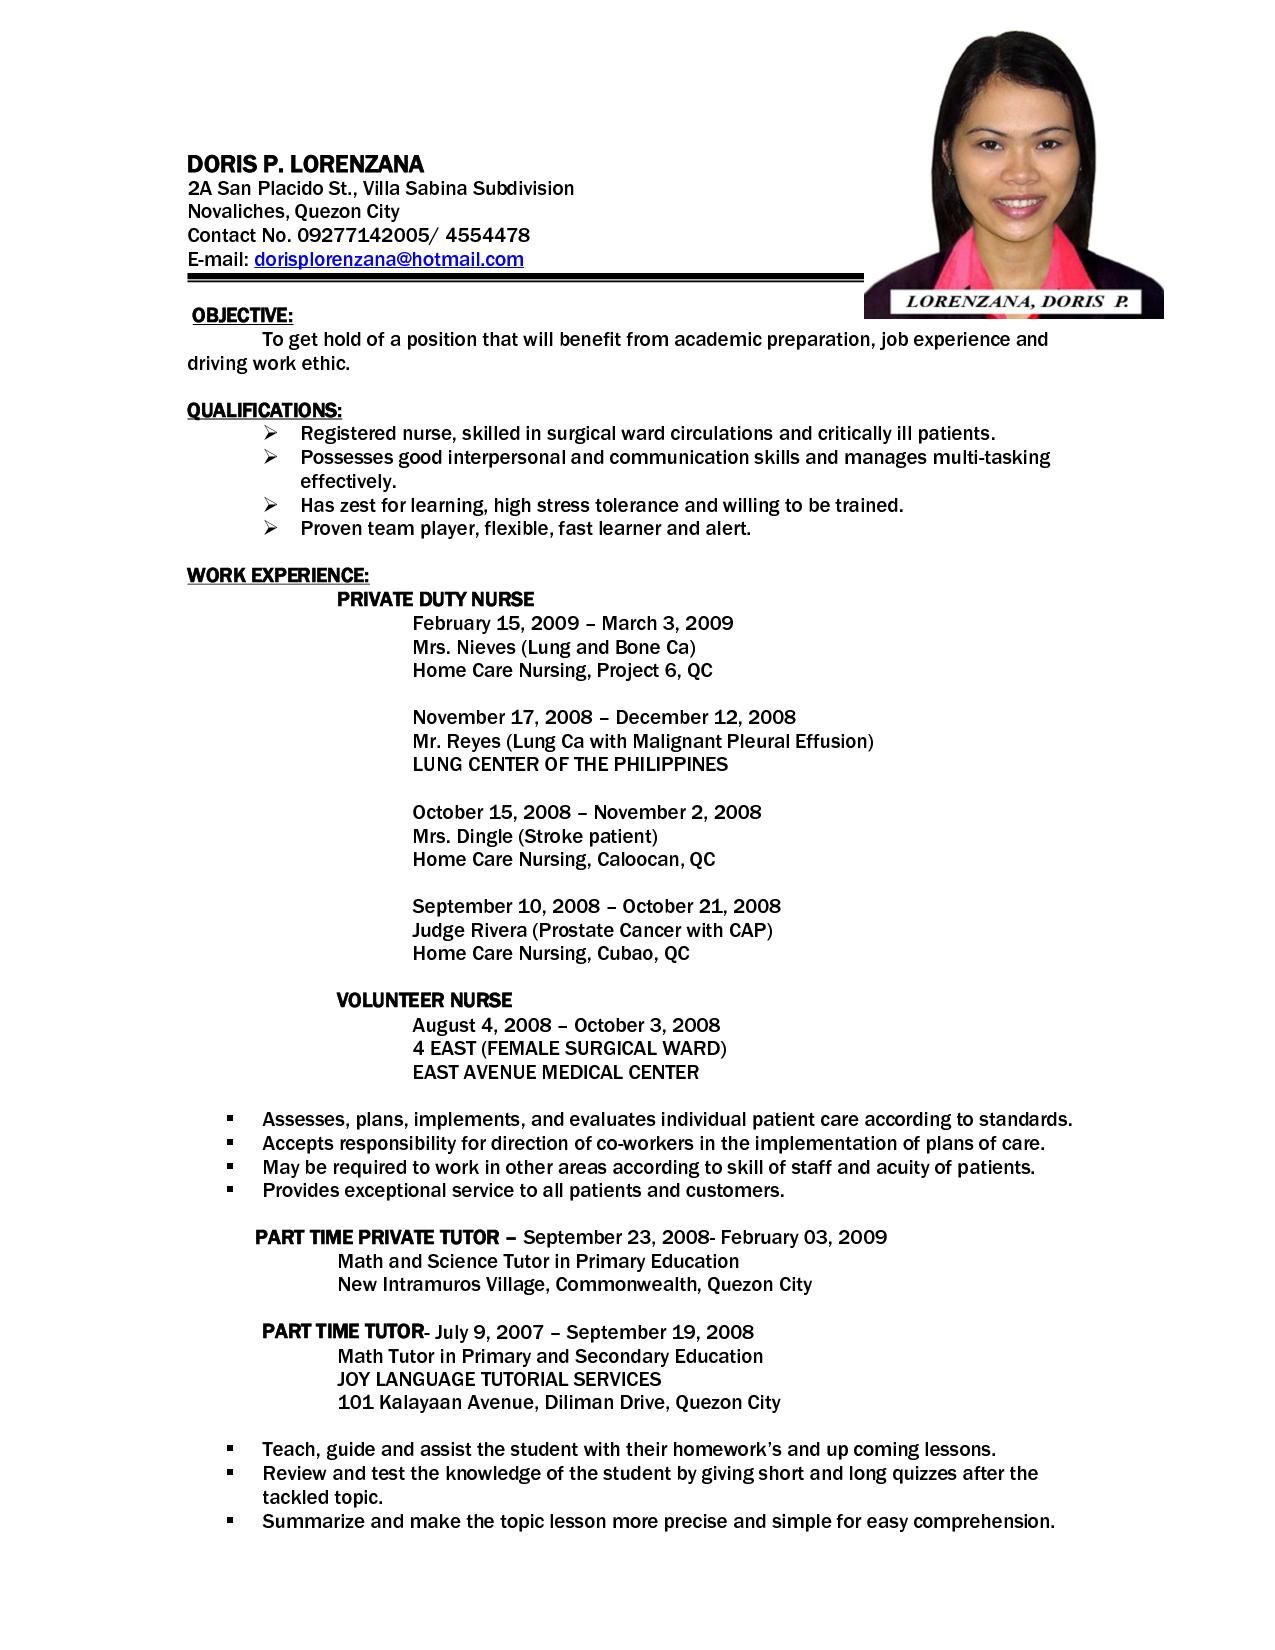 Resume Sample Fotolip